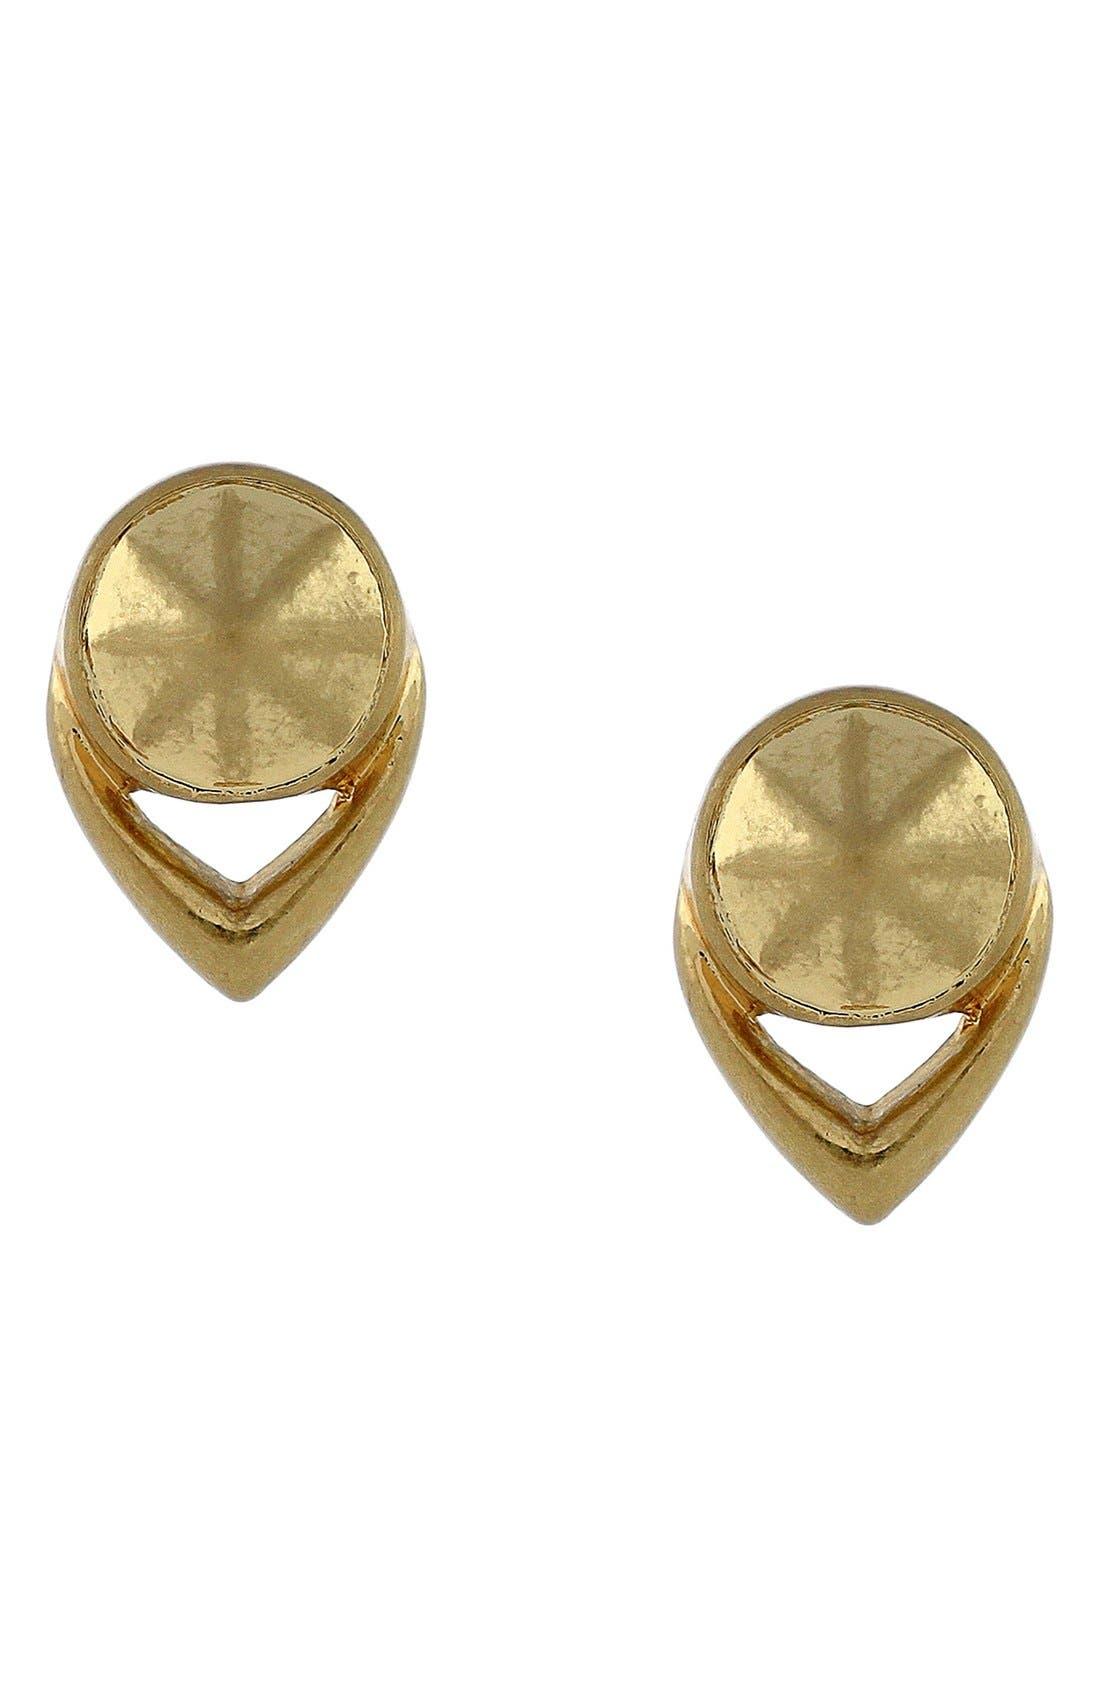 Alternate Image 1 Selected - Vince Camuto 'Belle of the Bazaar' Stud Earrings